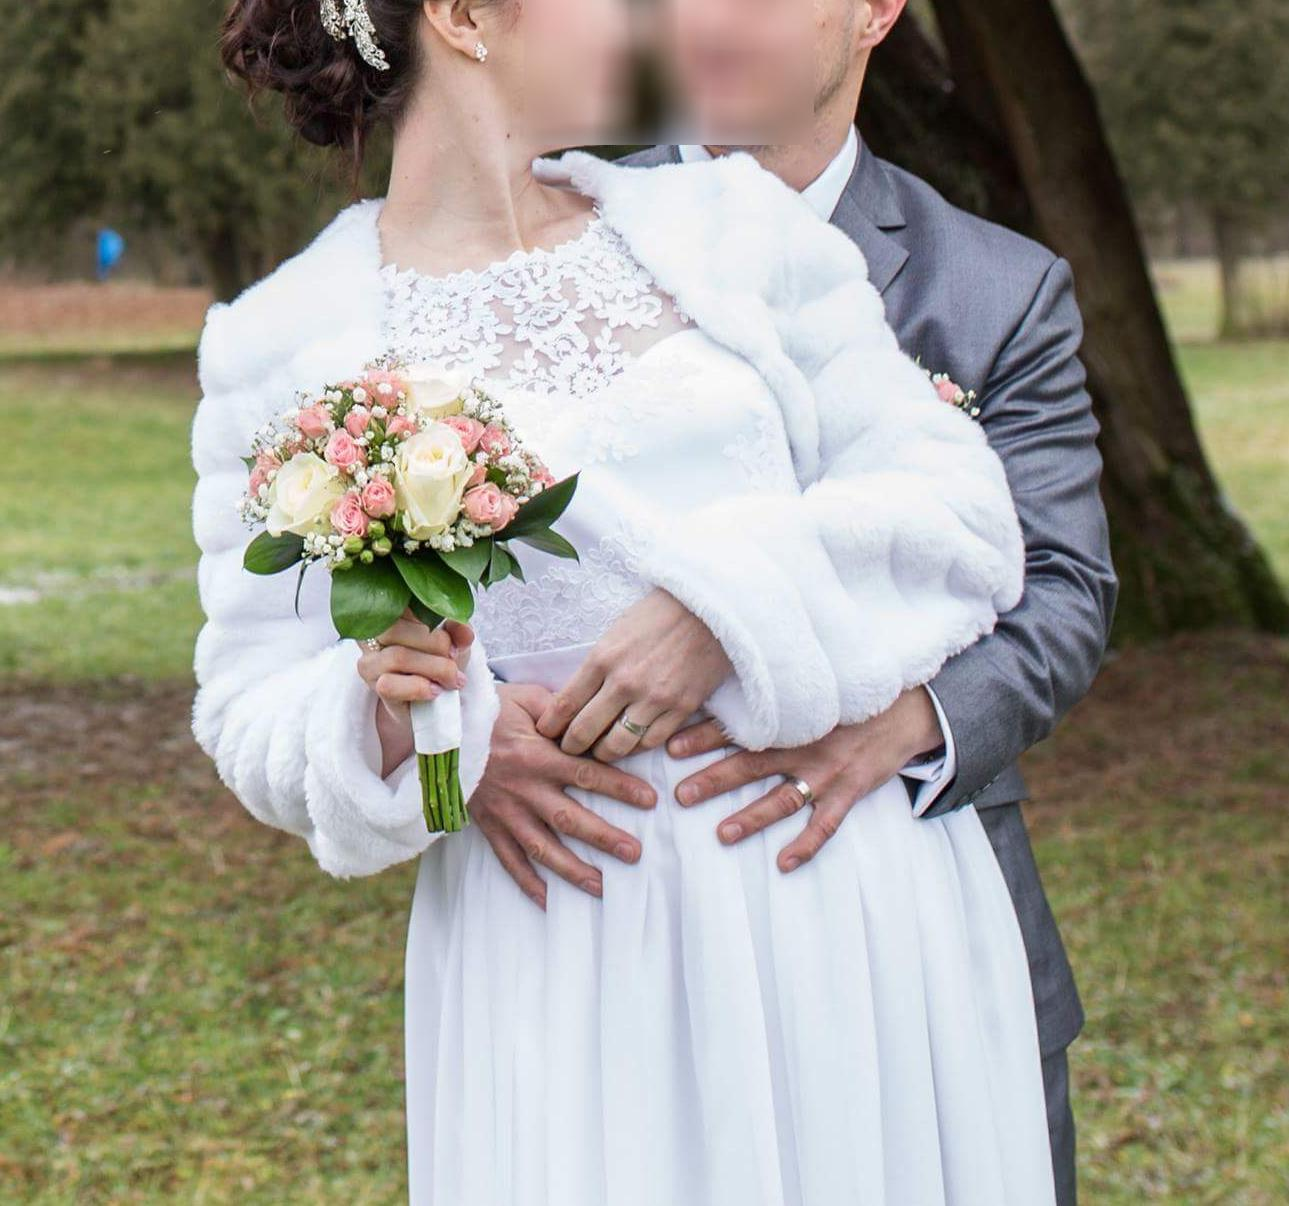 Tehotenské svadobné šaty veľkosť L / 40 - Obrázok č. 1